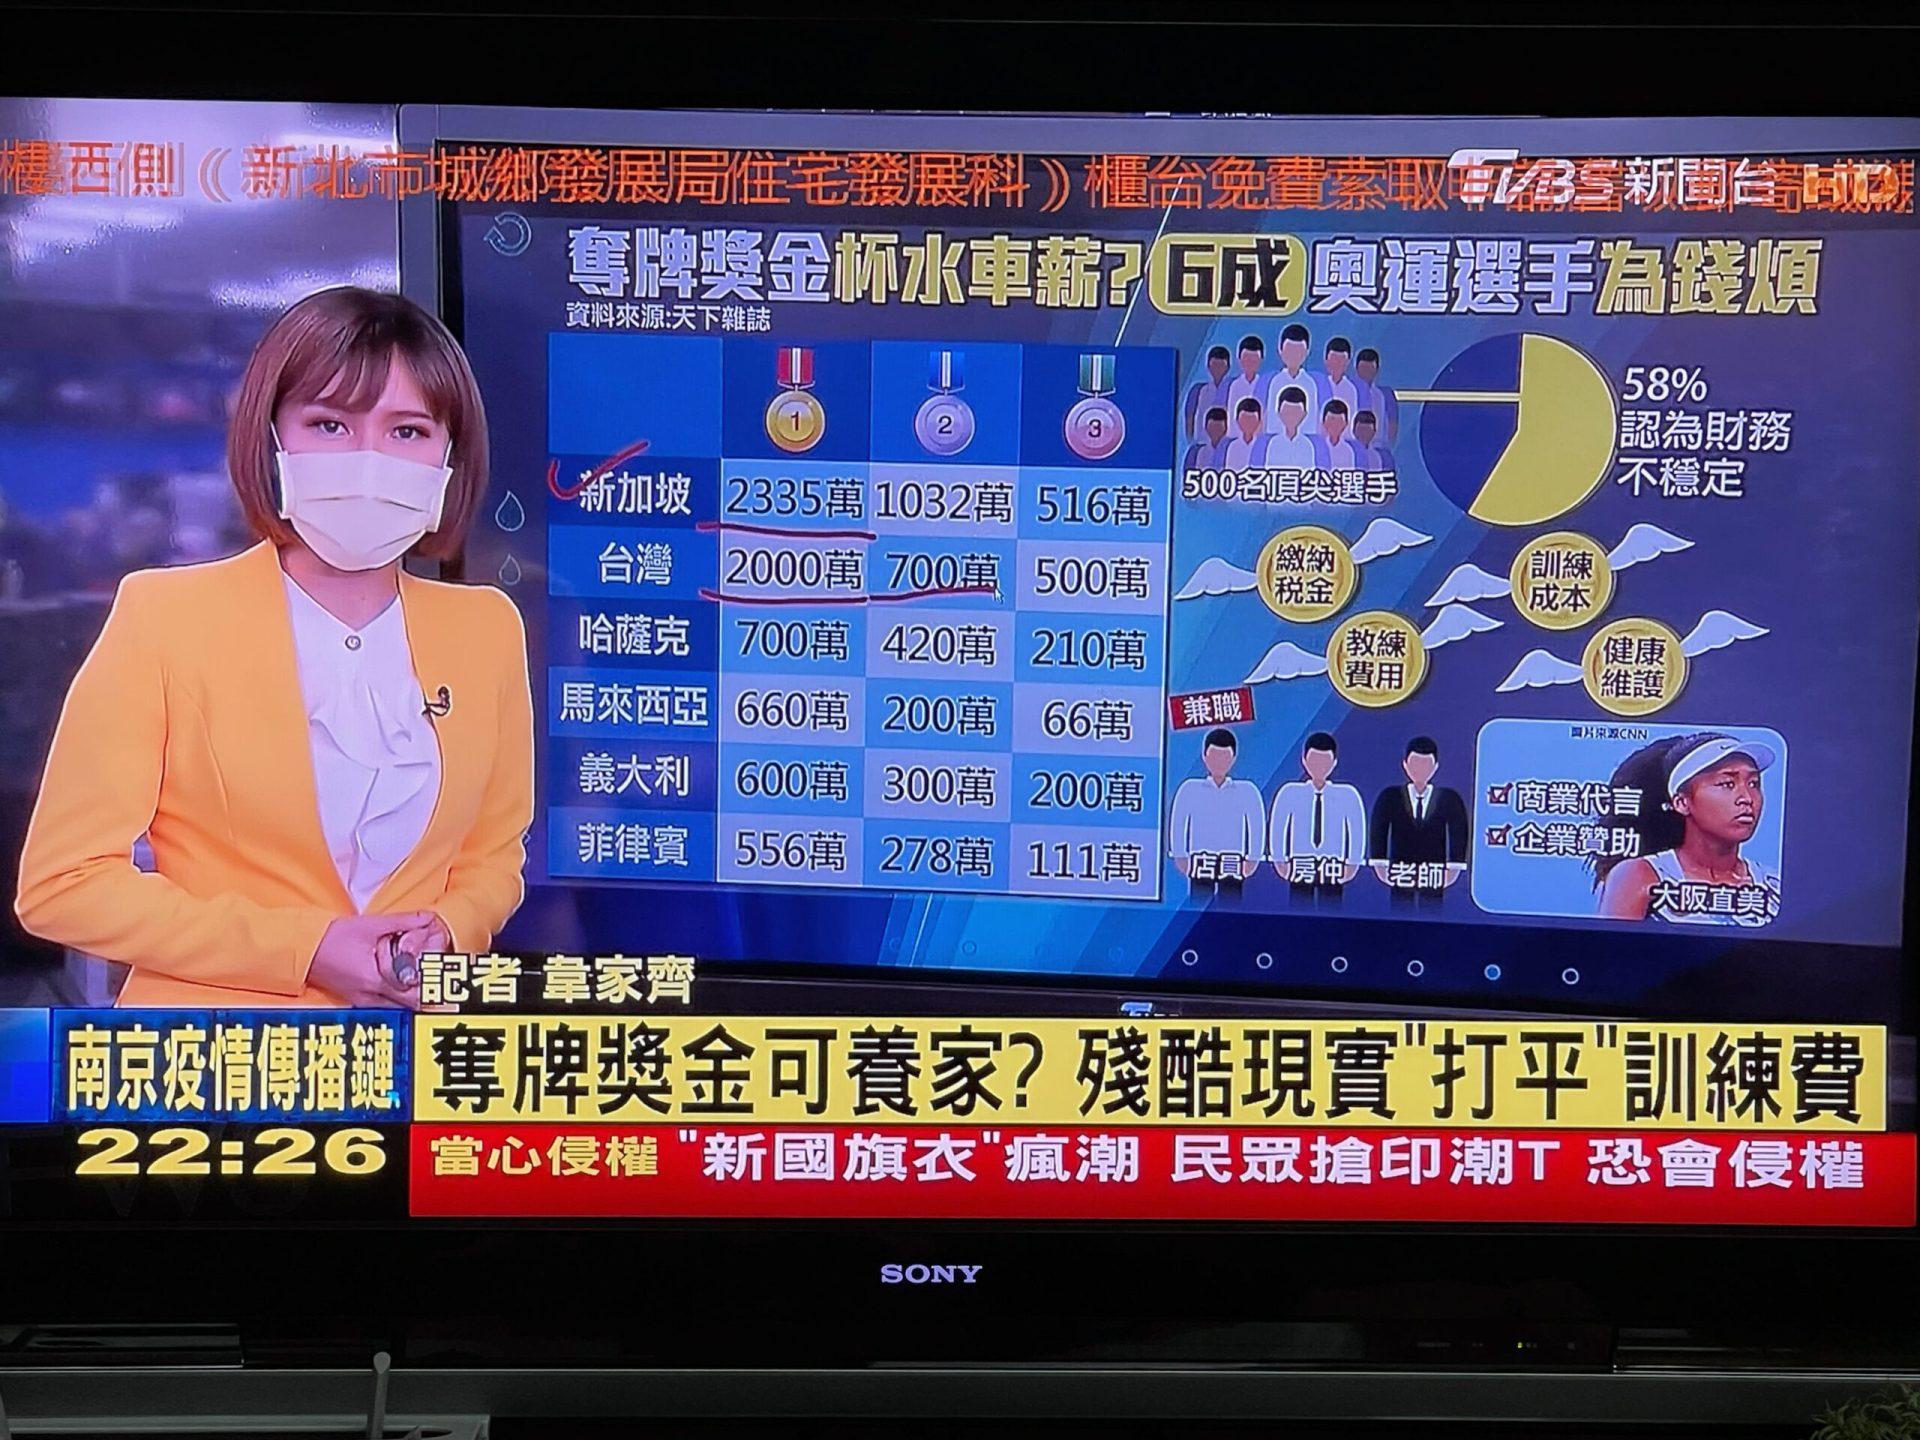 「贏得奧運獎牌後有多少獎金?」台灣排名前三高!但選手們夠用嗎?-我們用電影寫日記